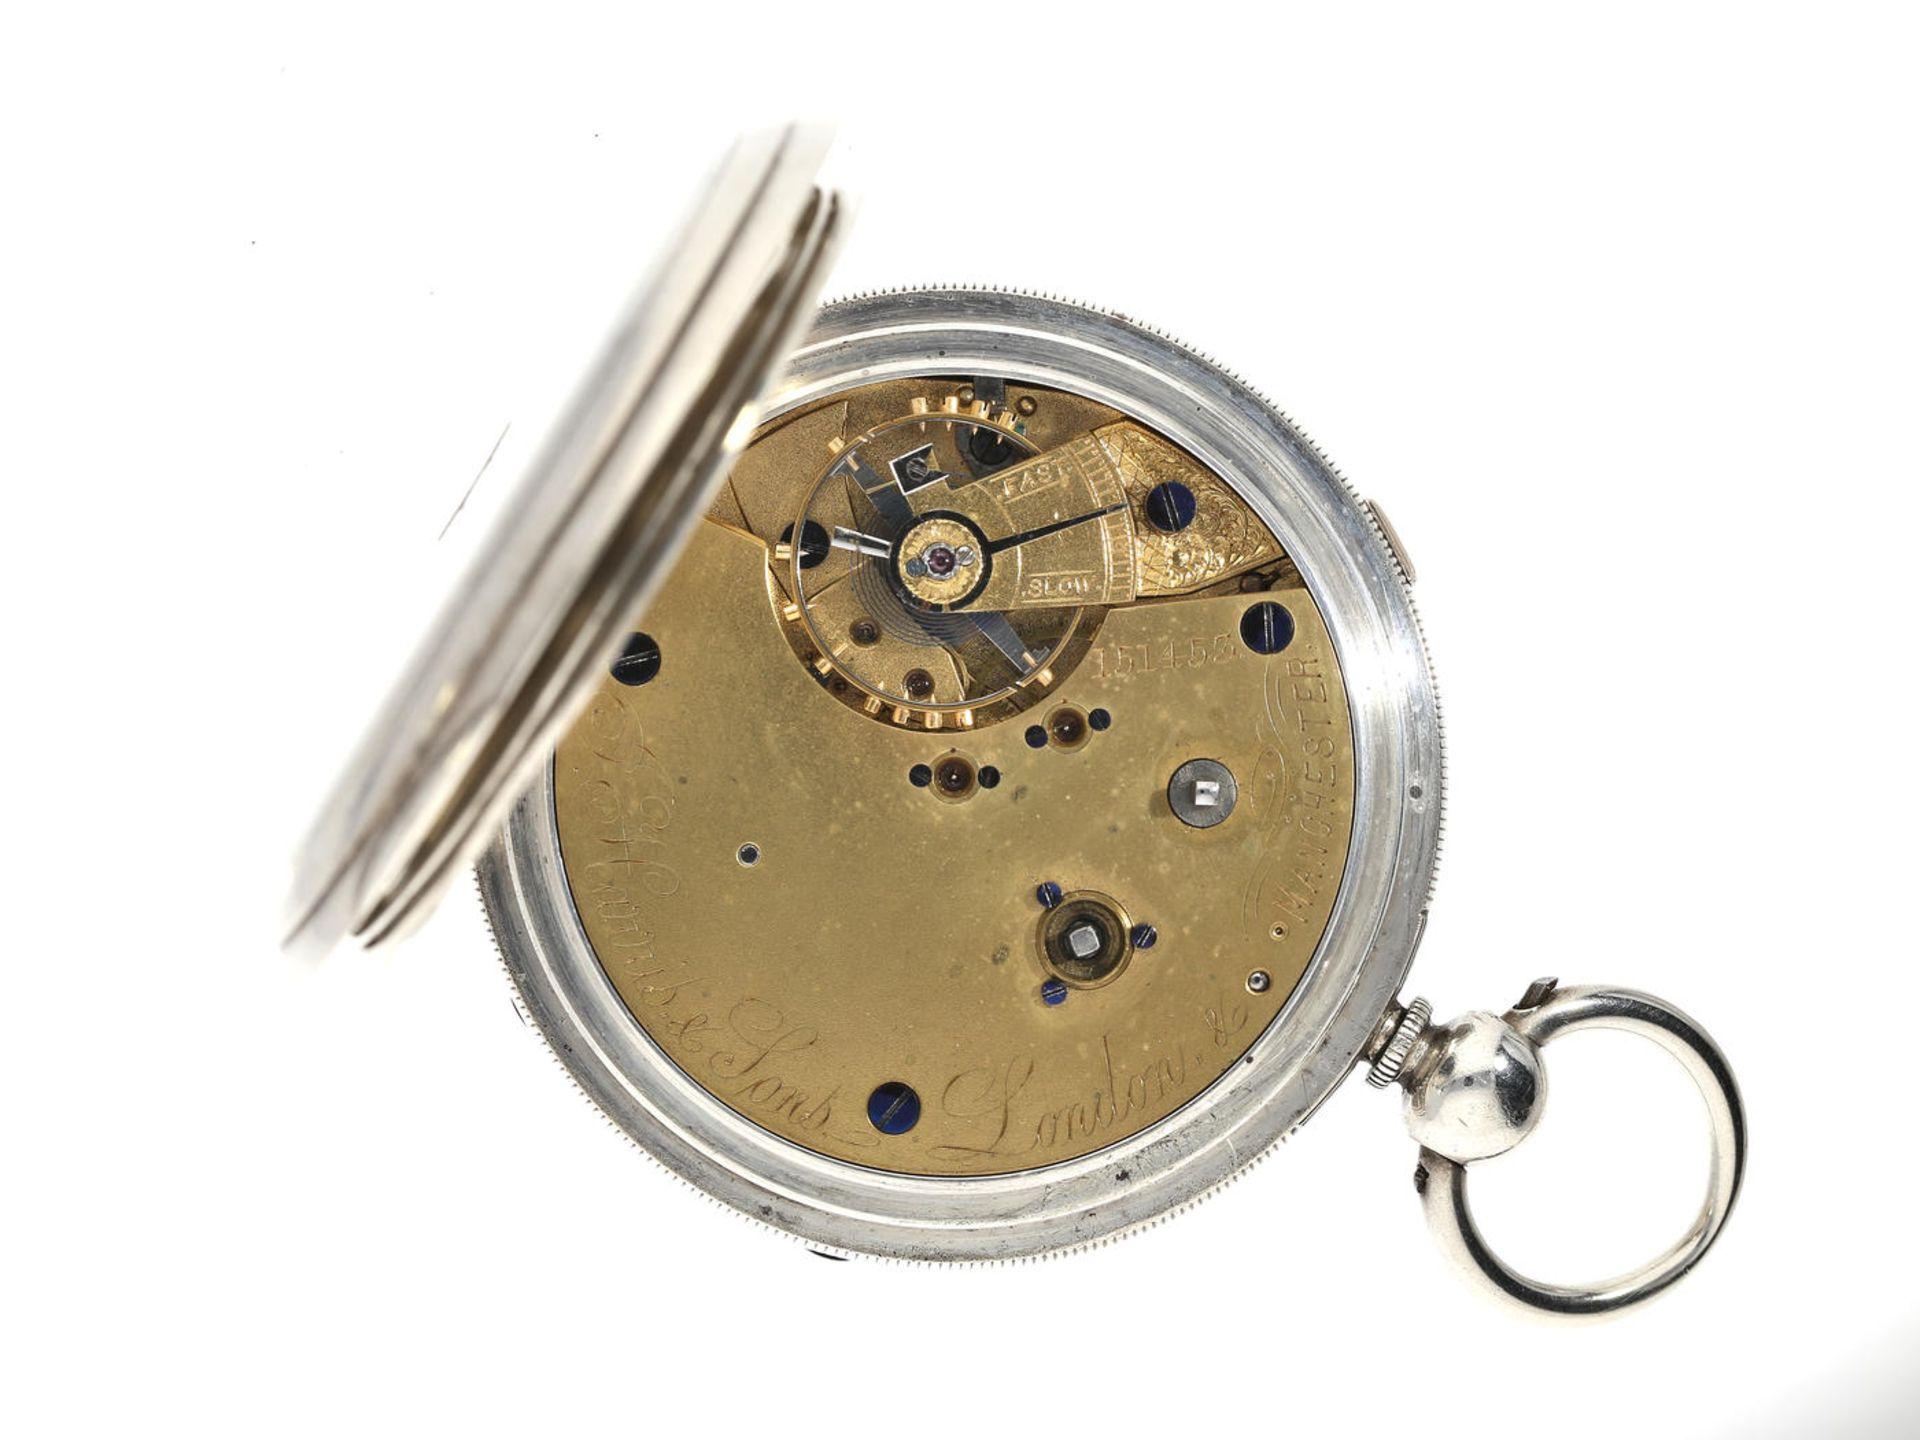 Taschenuhr: extrem schwere englische Beobachtungsuhr mit anhaltbarer Zentralsekunde, - Bild 3 aus 3